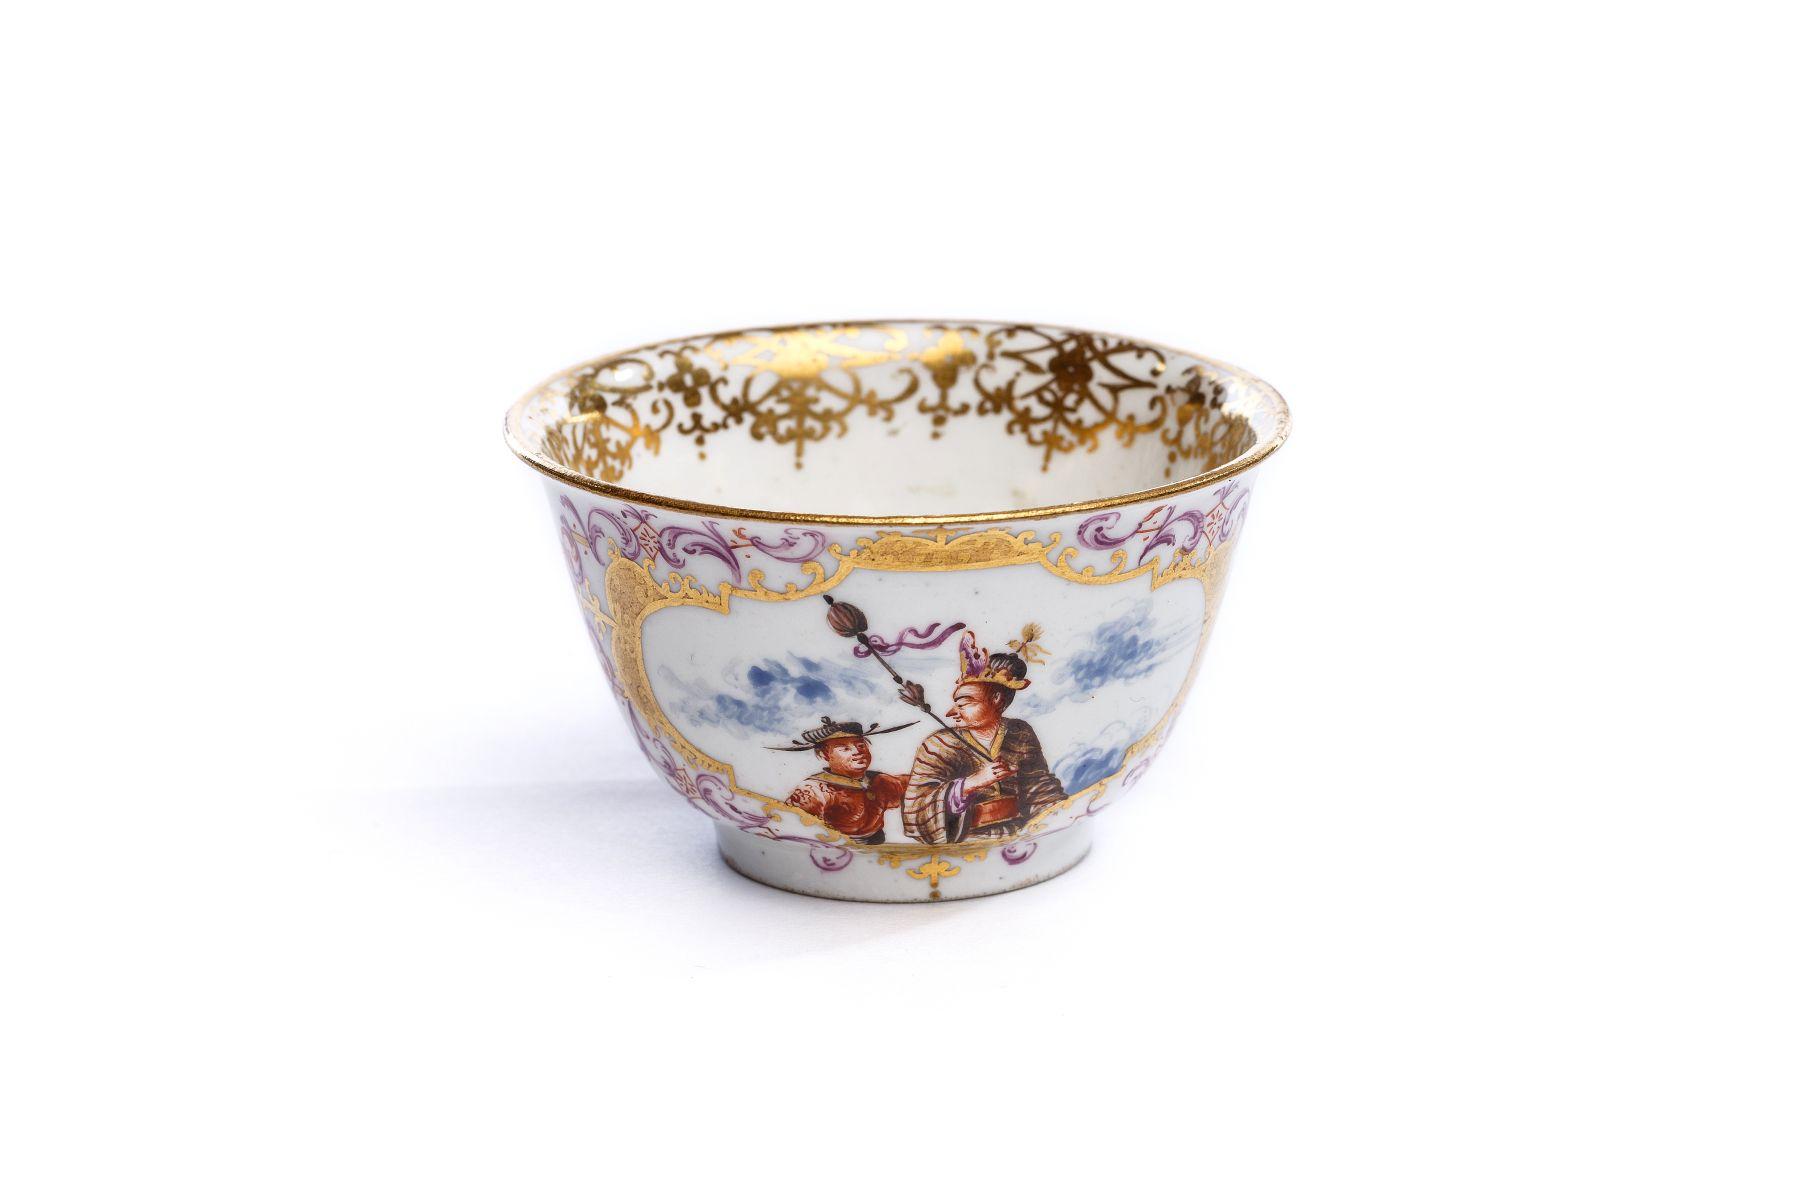 #16 Rare bowl without soucer, Meissen 1725   Koppchen, Meissen 1725, Malerei von Johann Gregorius Höroldt (1696-1775), Bonhams London - The Hoffmeister Collection Image